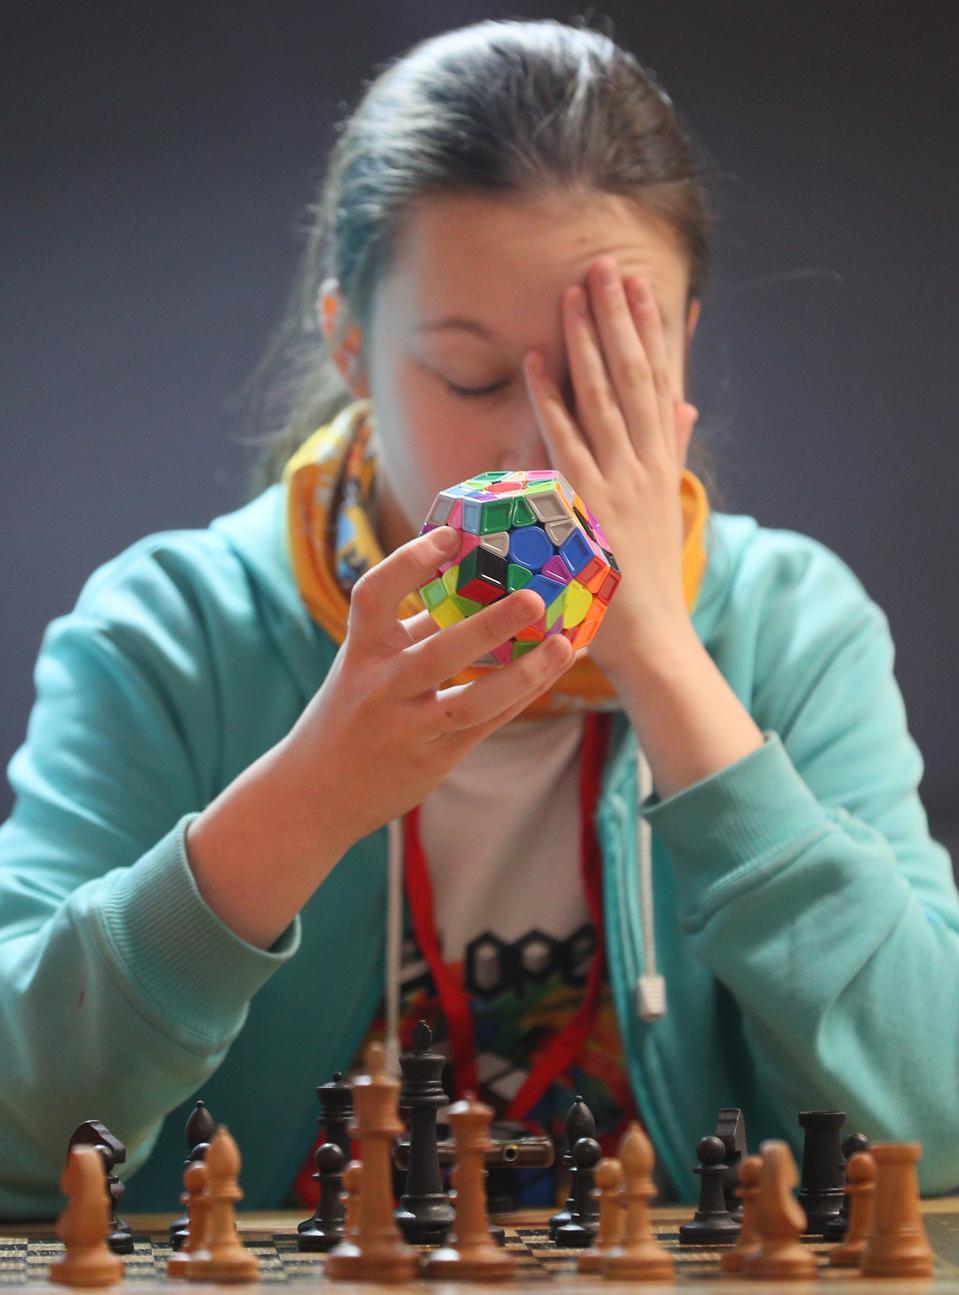 Speedcubing tournament in Ivanovo, Russia